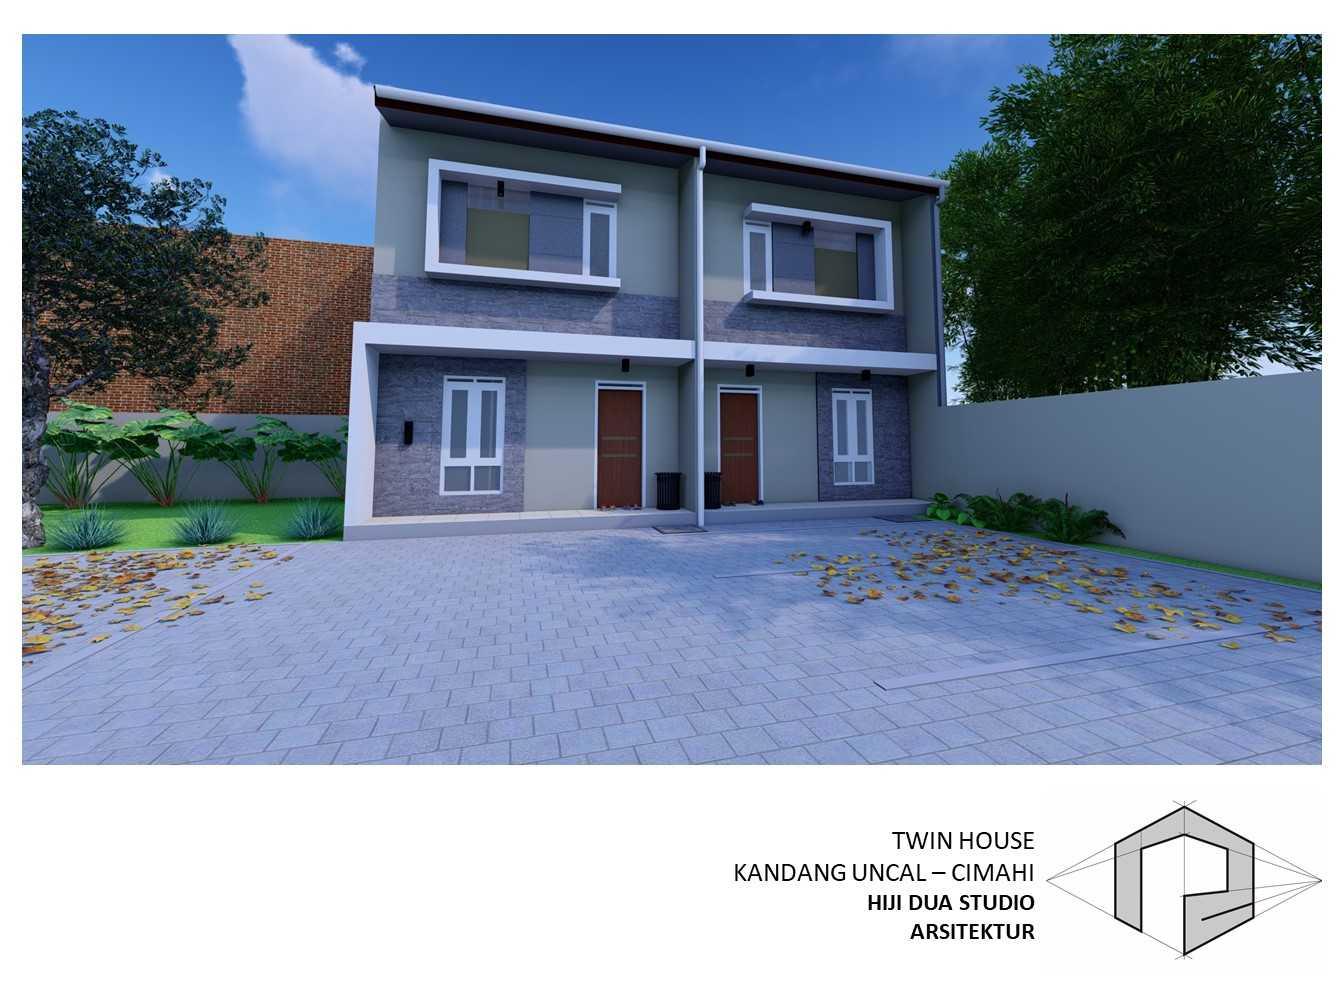 Hiji Dua Studio Arsitektur Twin House Cimahi, Kec. Cimahi Tengah, Kota Cimahi, Jawa Barat, Indonesia Cimahi, Kec. Cimahi Tengah, Kota Cimahi, Jawa Barat, Indonesia Hiji-Dua-Studio-Arsitektur-Twin-House  81943